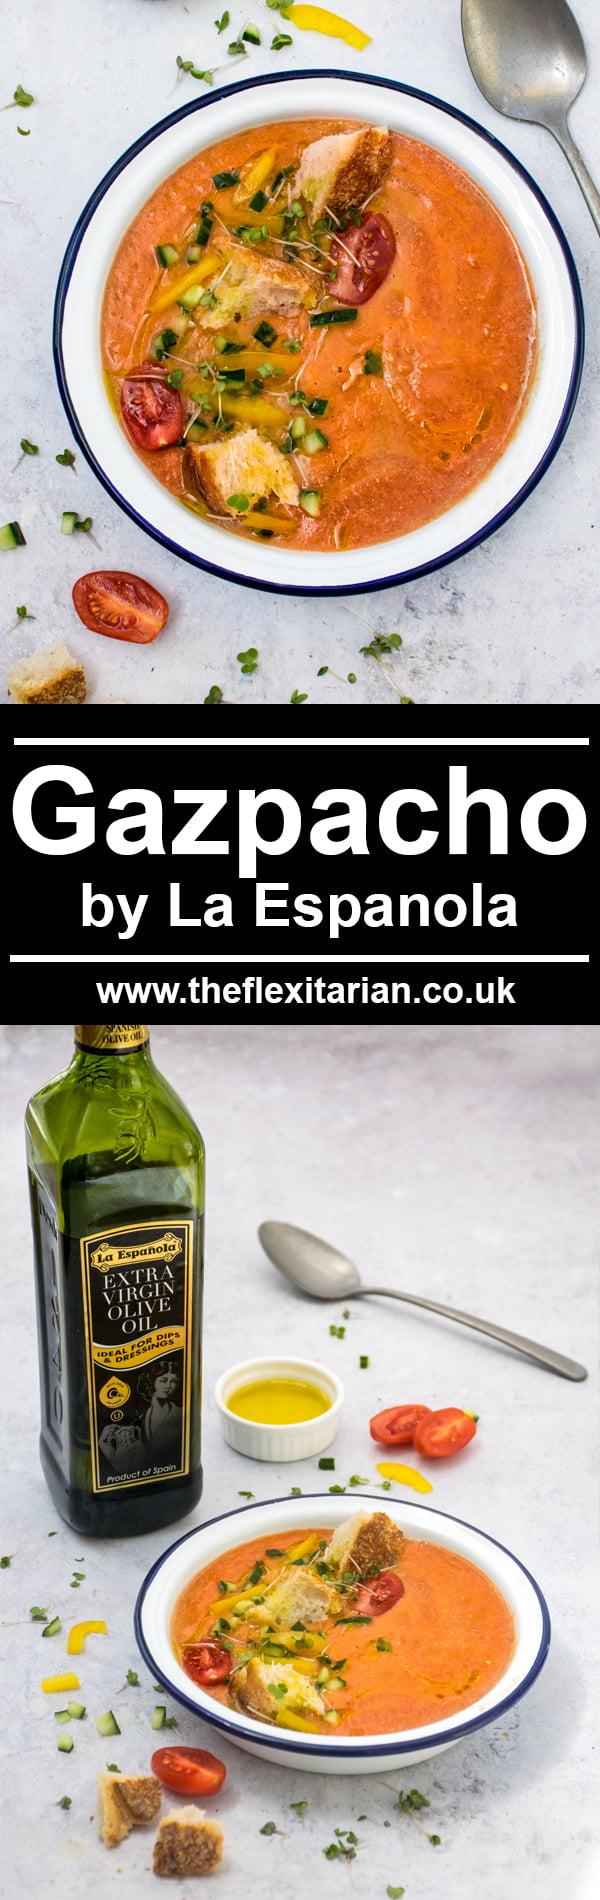 Easy Gazpacho by La Espanola Picture © Annabelle Randles | The Flexi